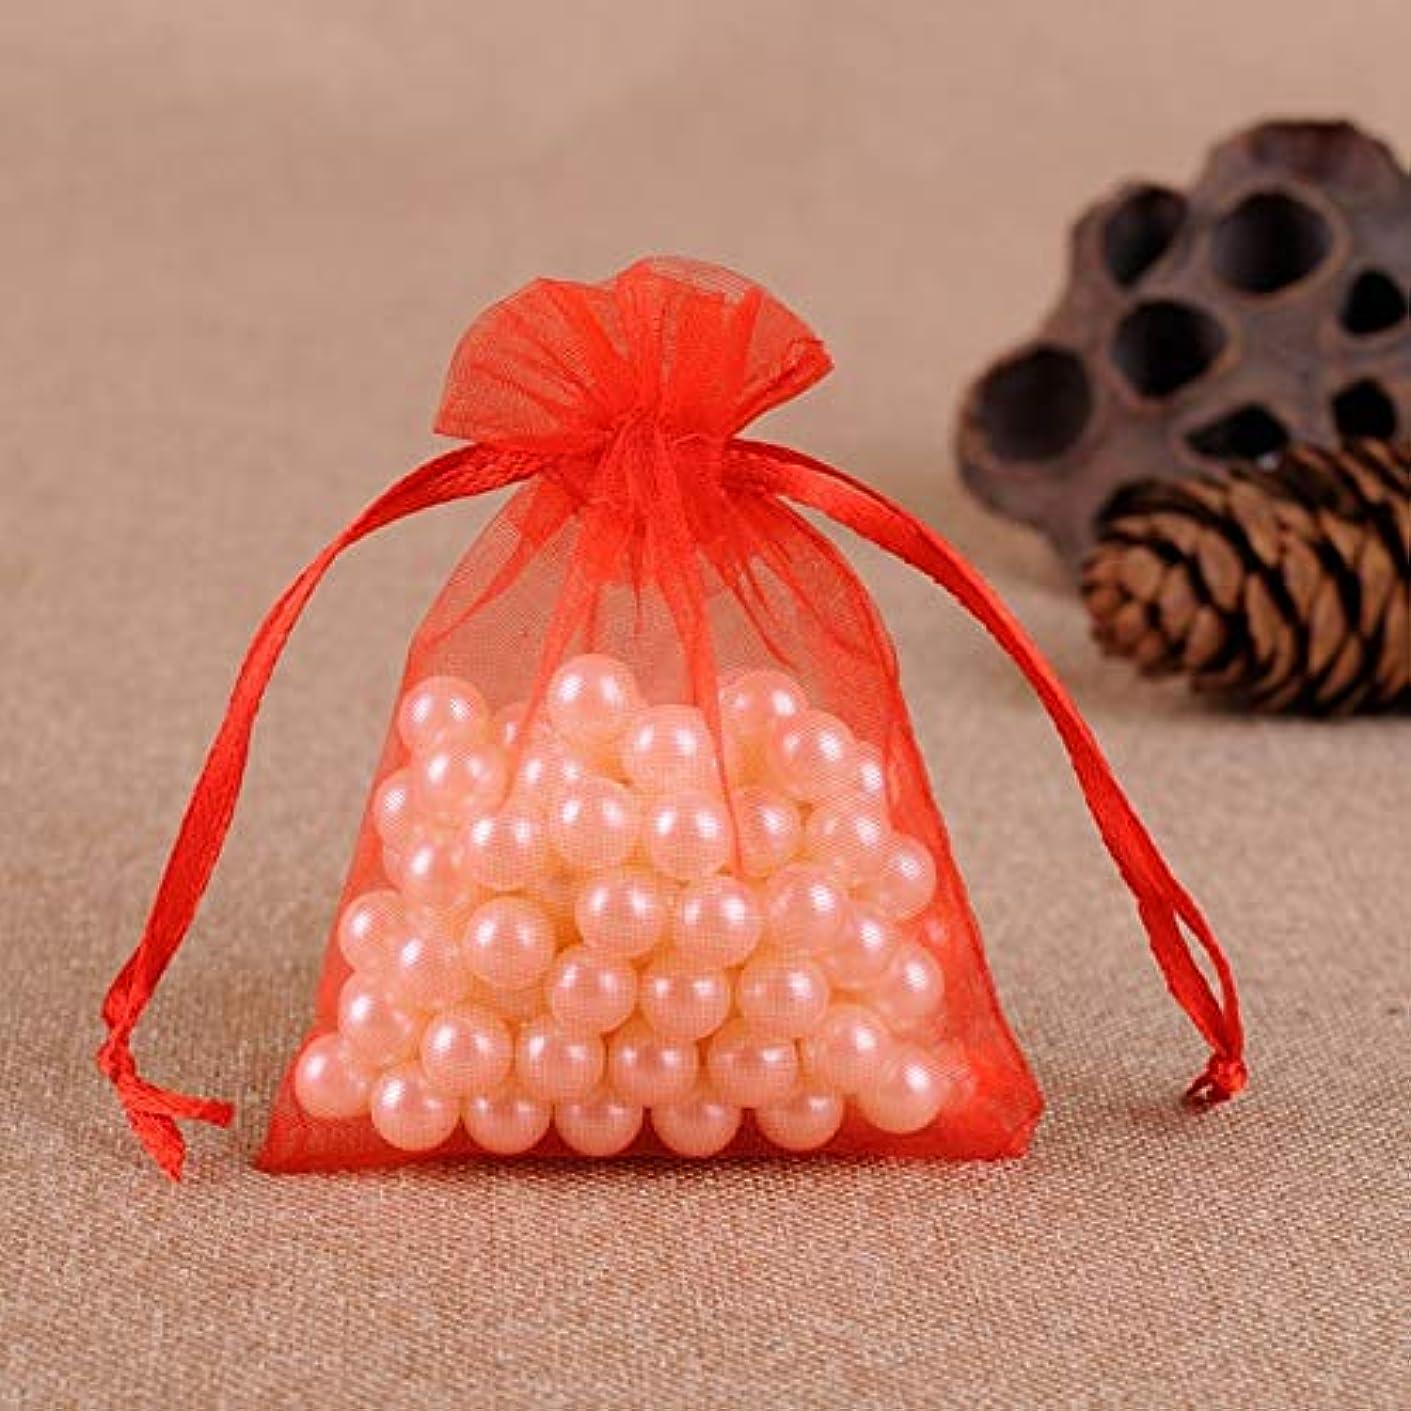 雄弁なもっと失業者MAODING 50pcsのオーガンザギフトバッグジュエリー包装袋ウェディングパーティーの装飾Drawableのバッグサシェポーチ (Color : Red, Size : 15x20cm)